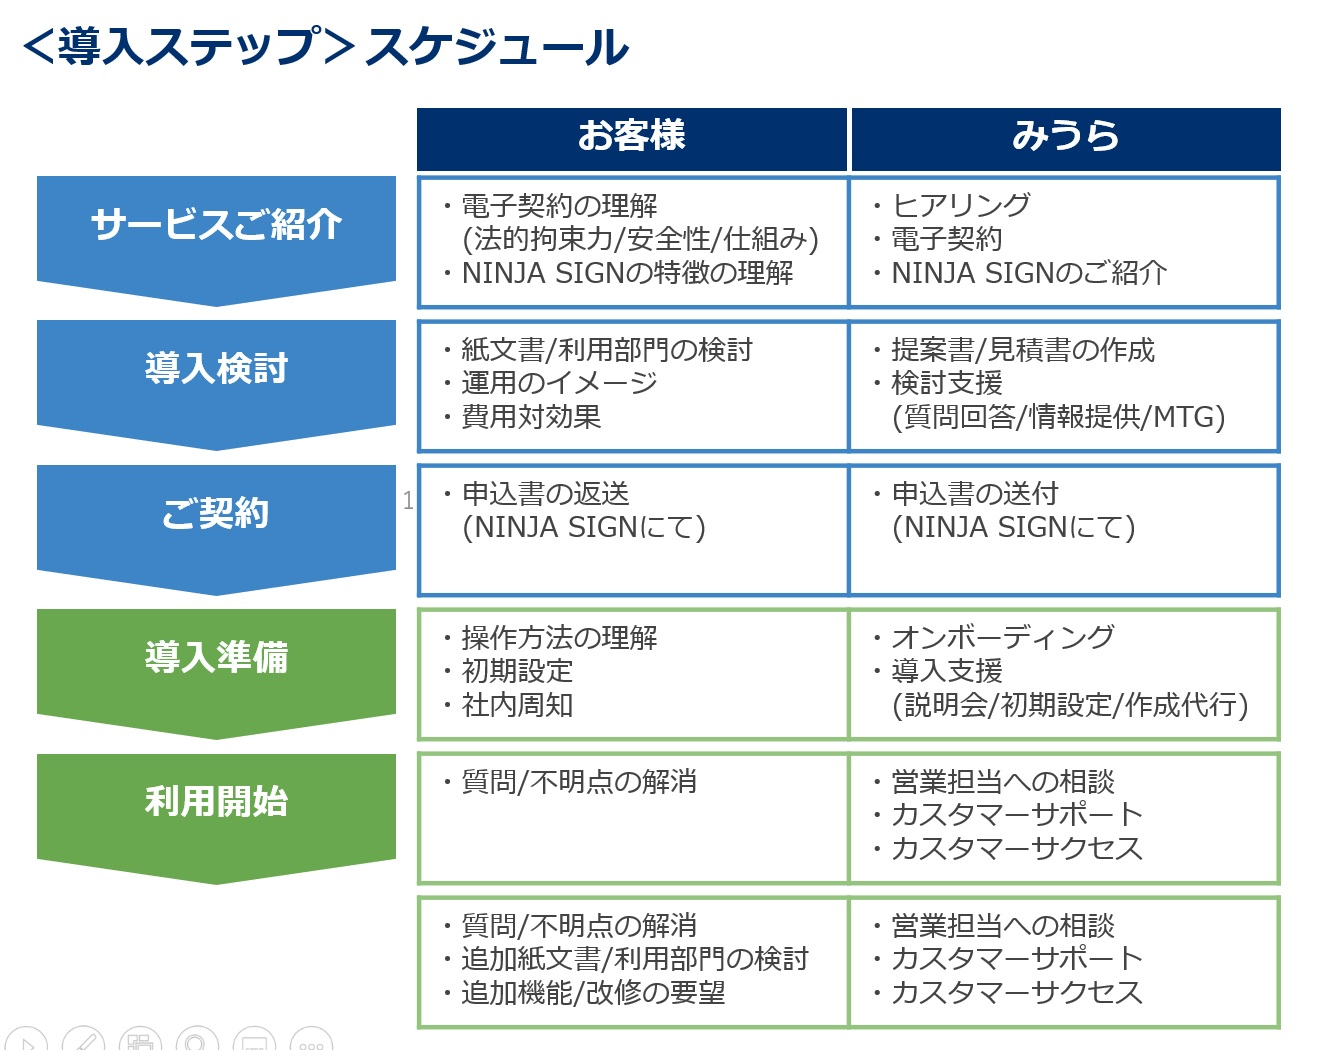 株式会社みうら<NINJA SIGN導入ステップスケジュール>